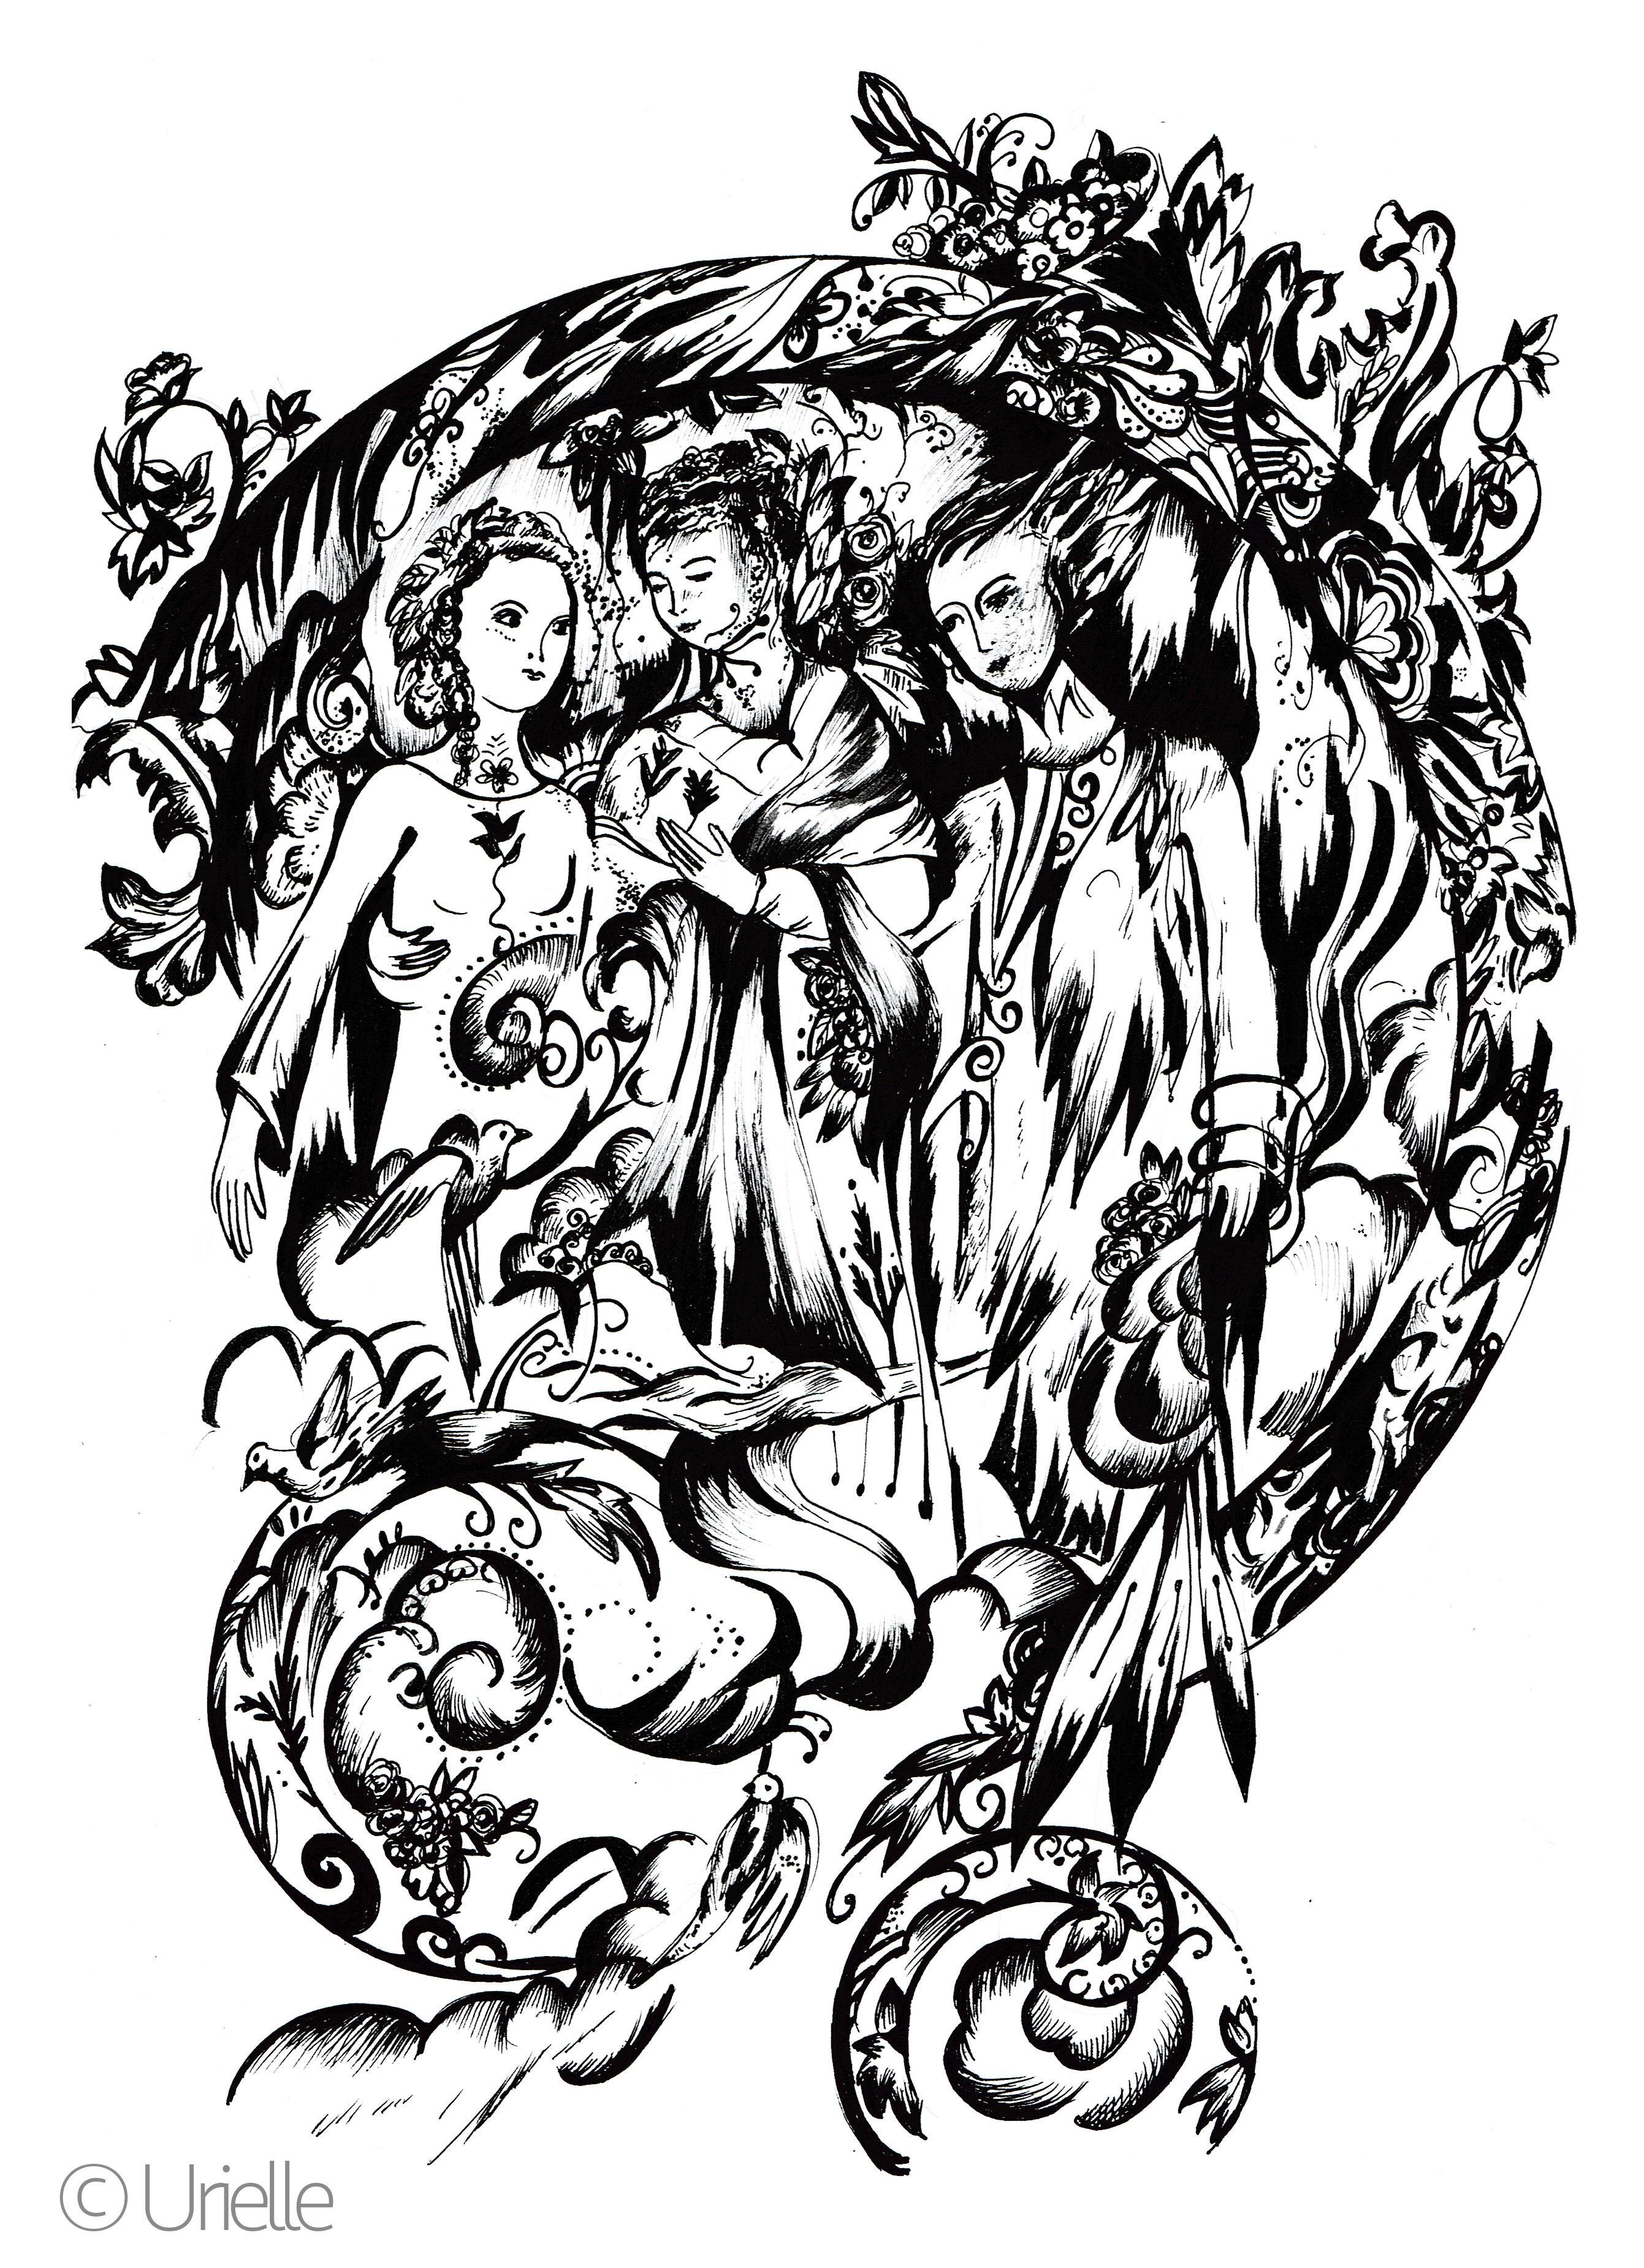 TrinitéFrom the gallery : Zen & Anti StressArtist : Urielle